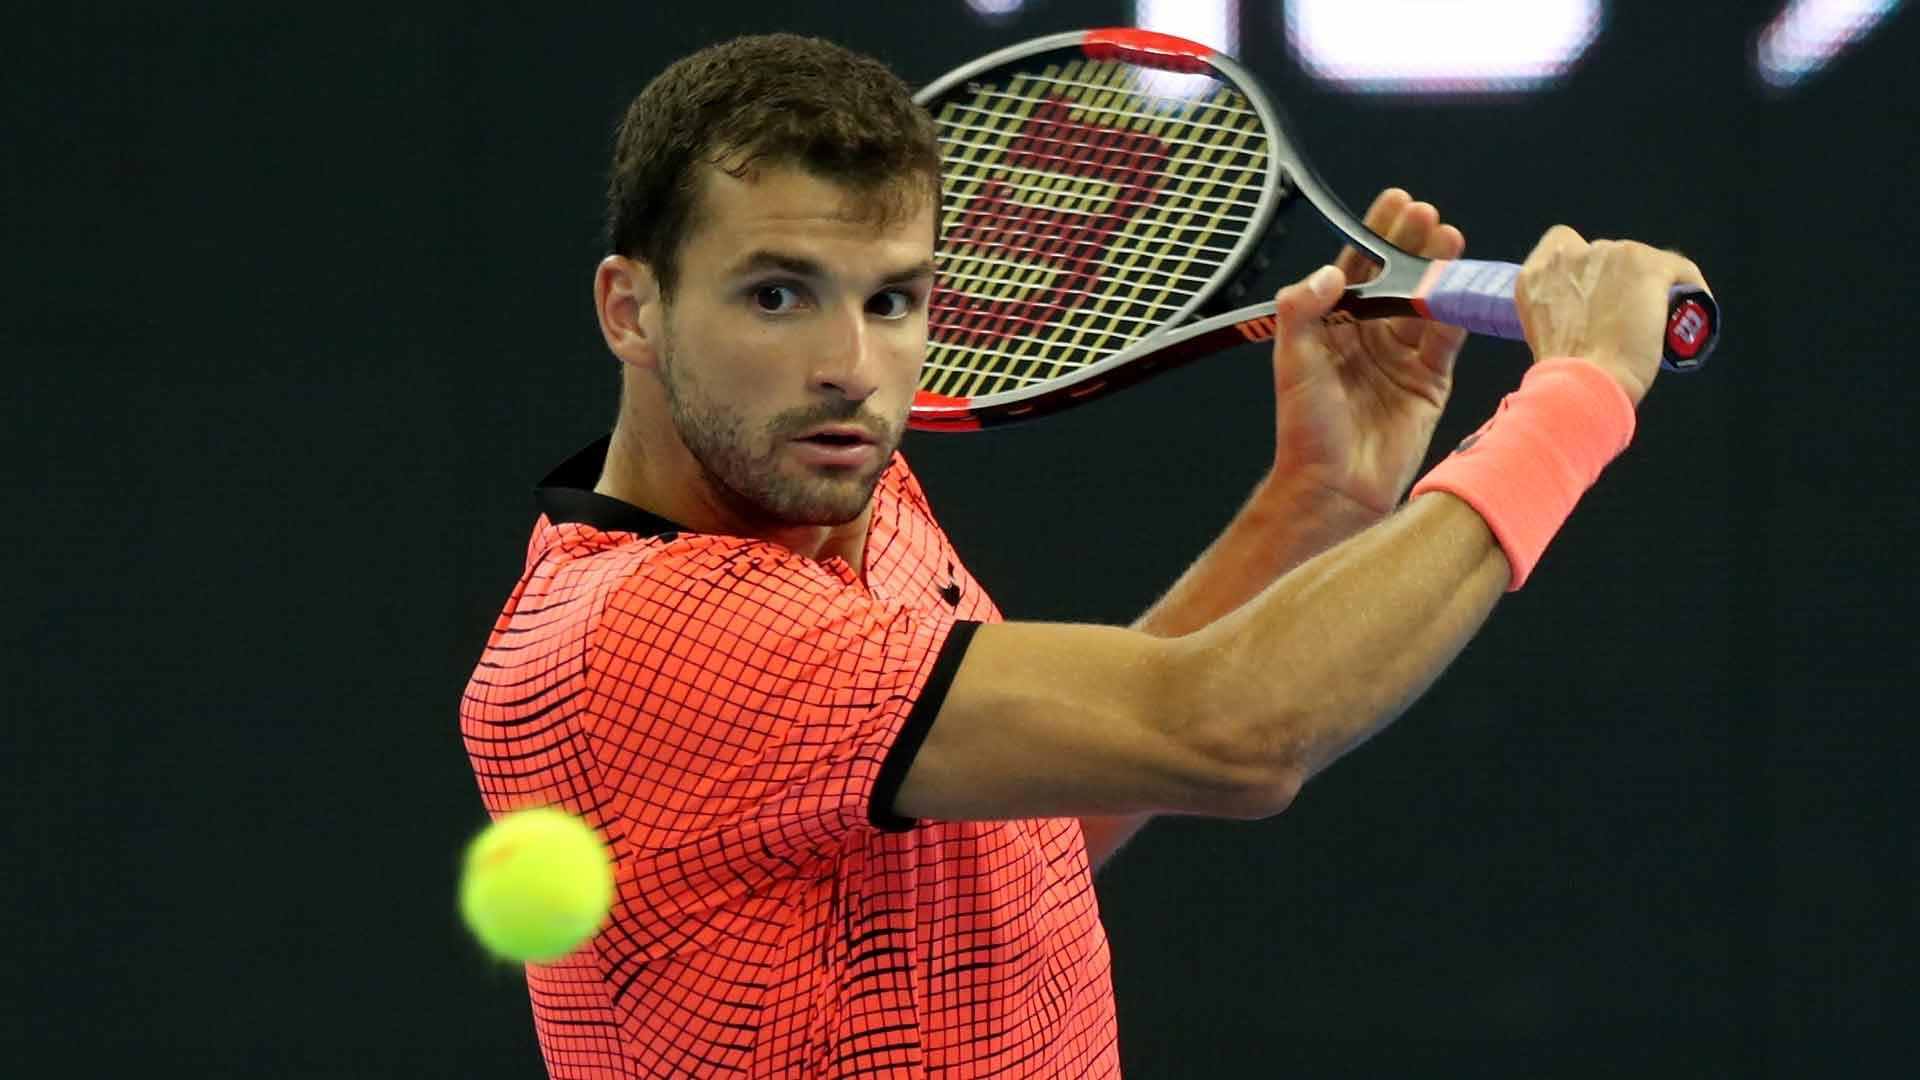 ATP Bercy, doppio: avanzano Dimitrov e Qureshi, bene anche i Bryan